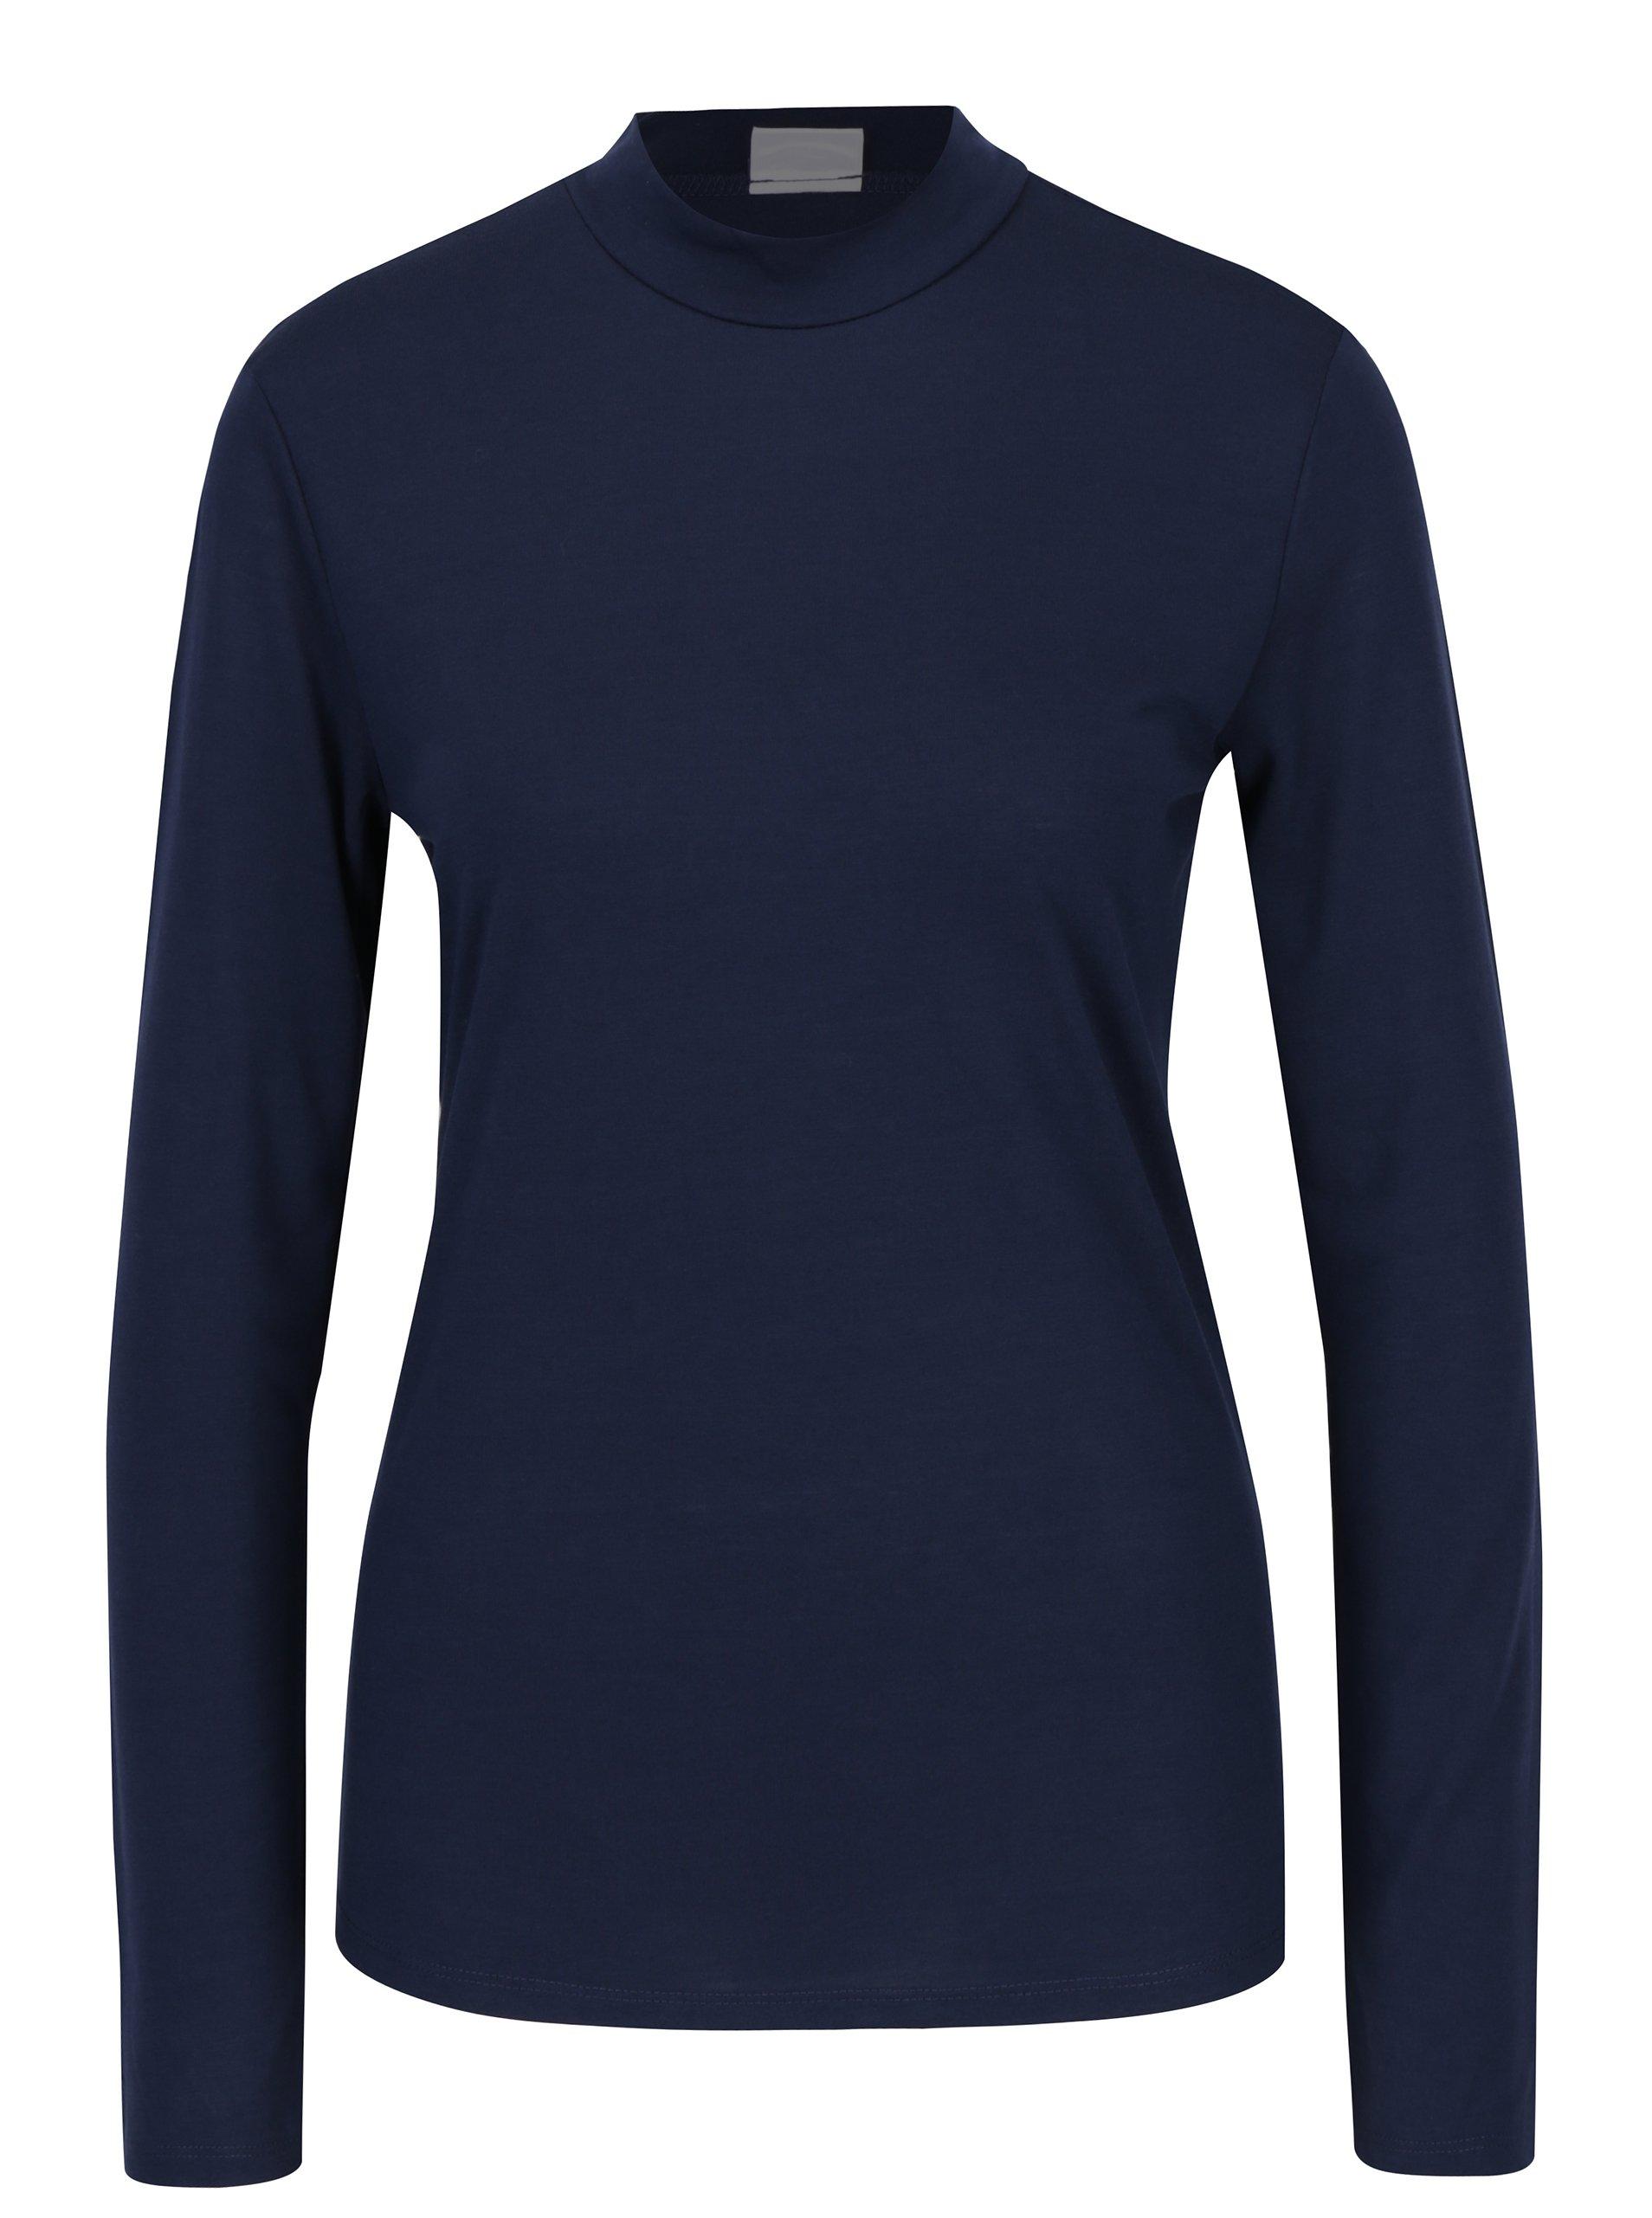 Tmavě modré tričko s nízkým rolákem Jacqueline de Yong Spirit ŽENY   Topy f1f8b2fcf8